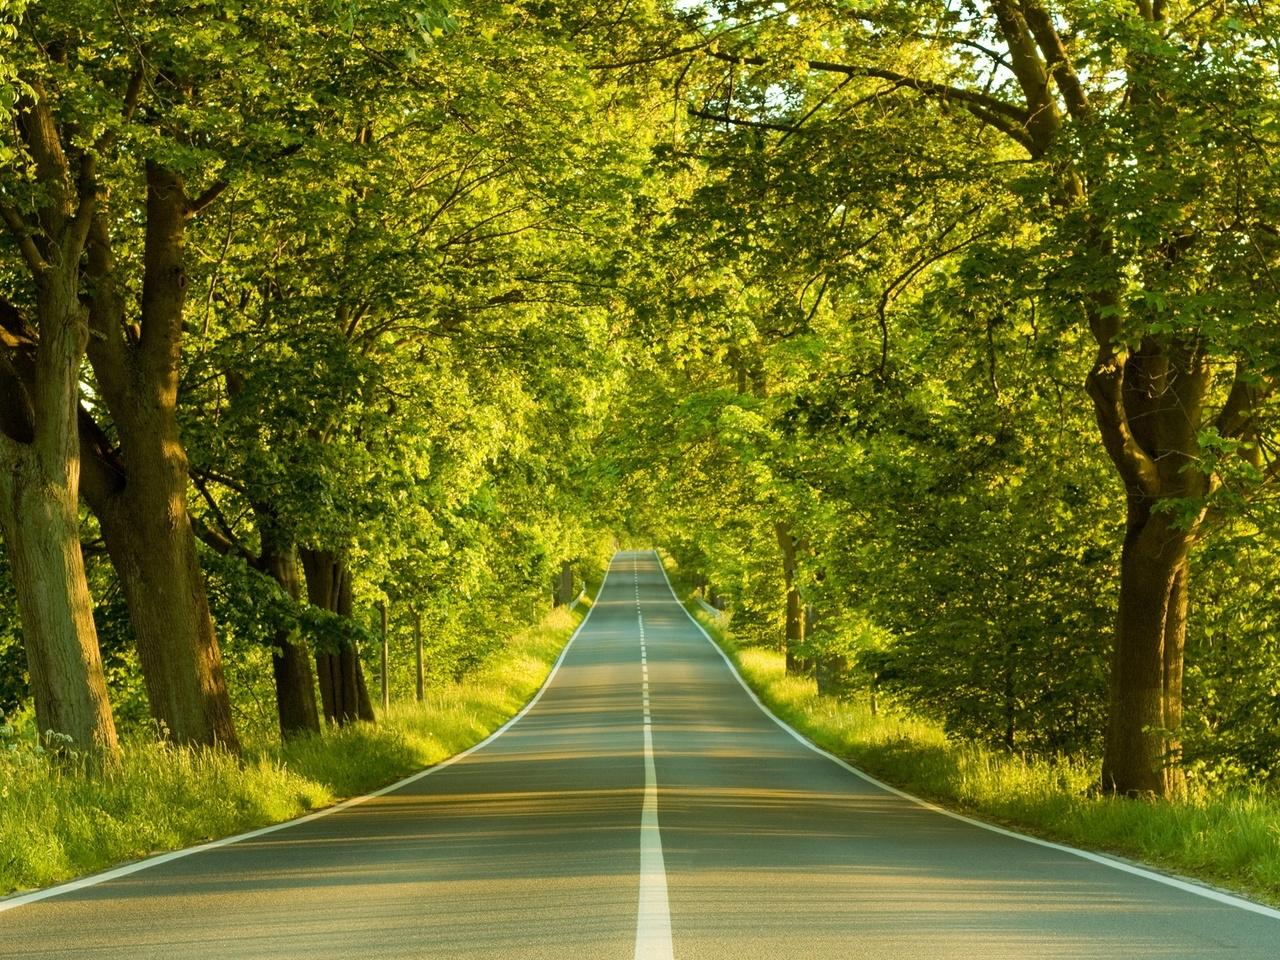 28711 papel de parede 360x640 em seu telefone gratuitamente, baixe imagens Paisagem, Árvores, Estradas 360x640 em seu celular